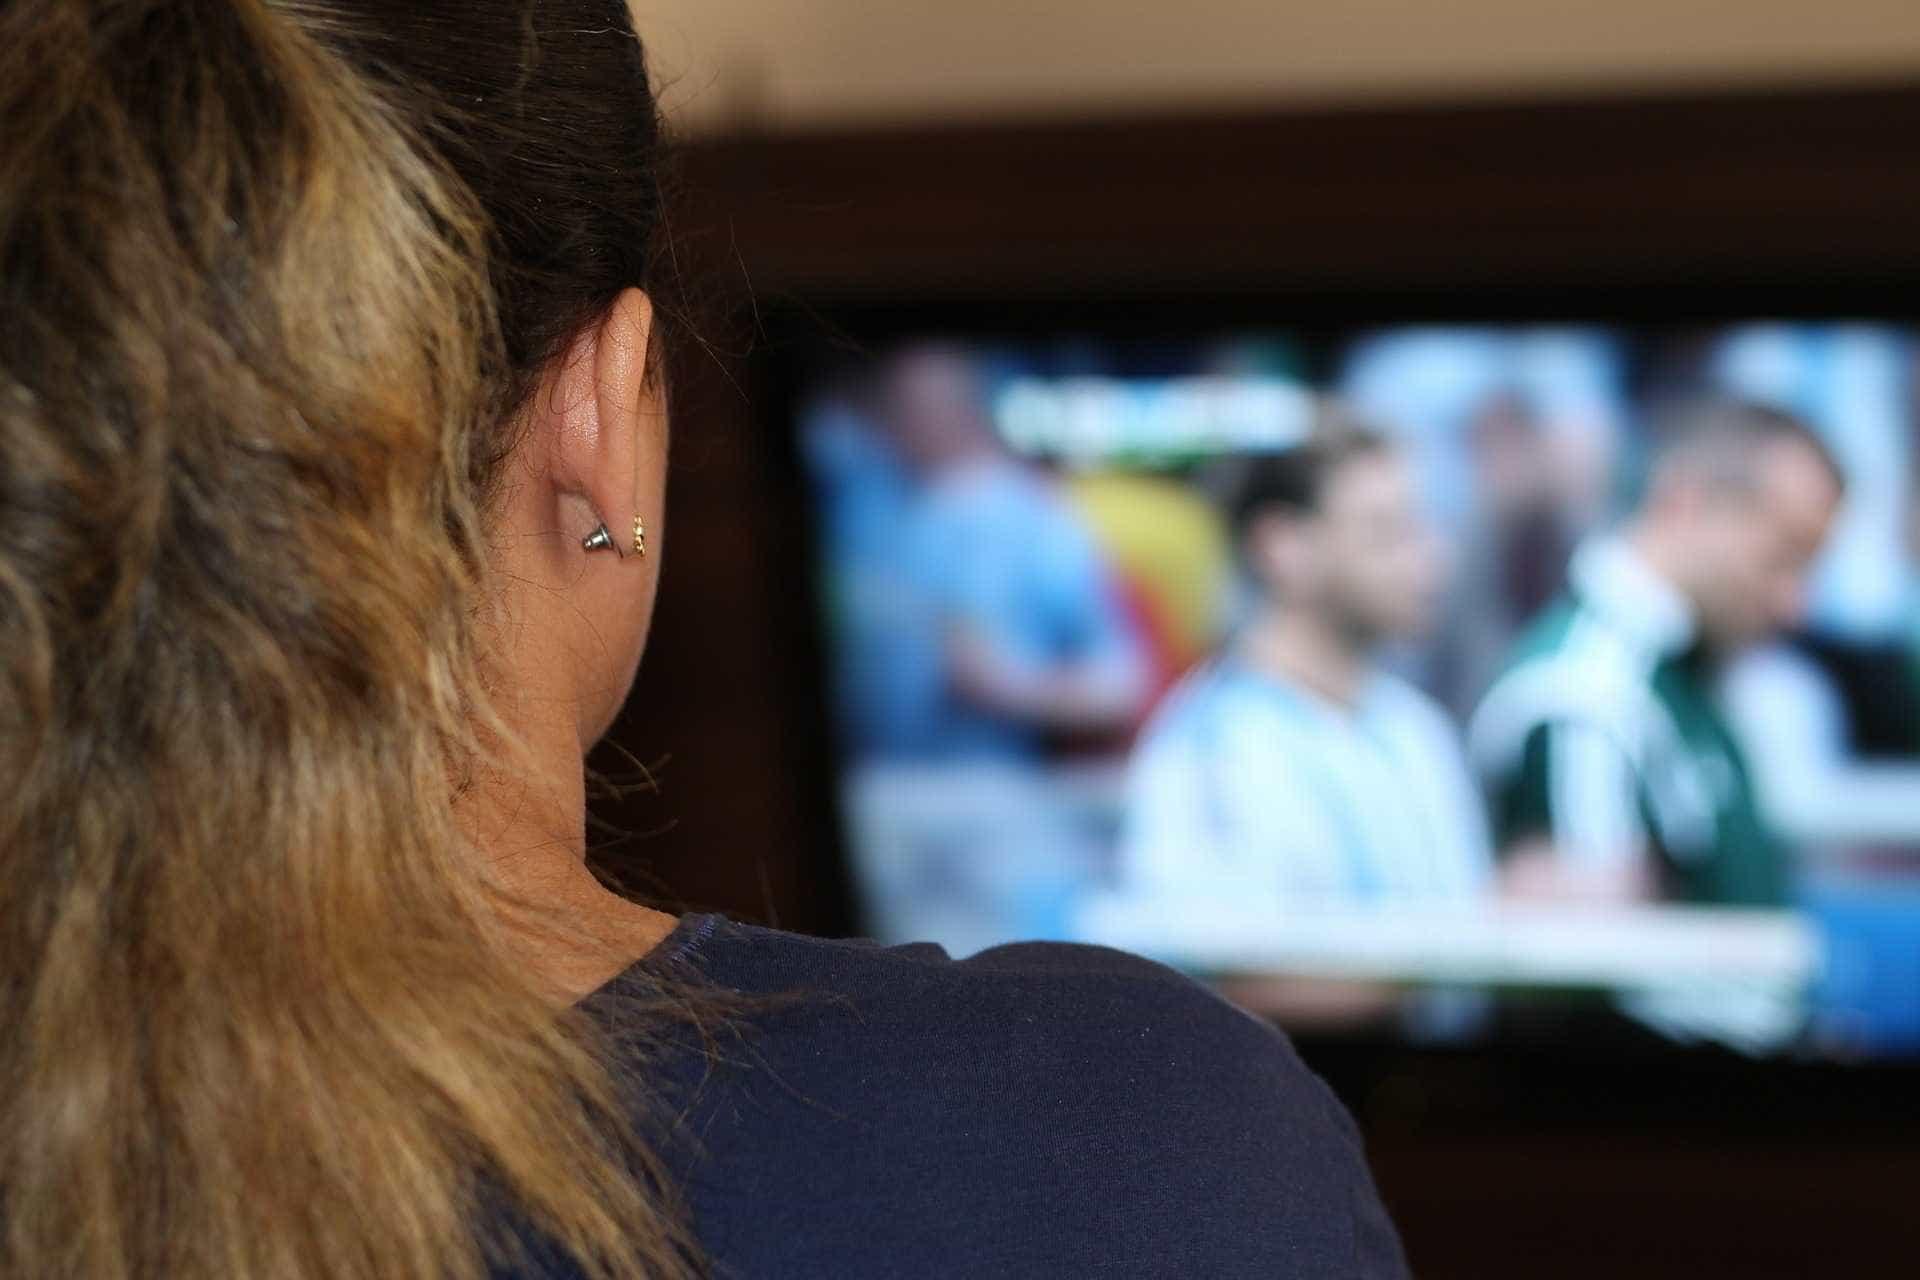 Órgãos públicos funcionarão durante jogos do Brasil na Copa